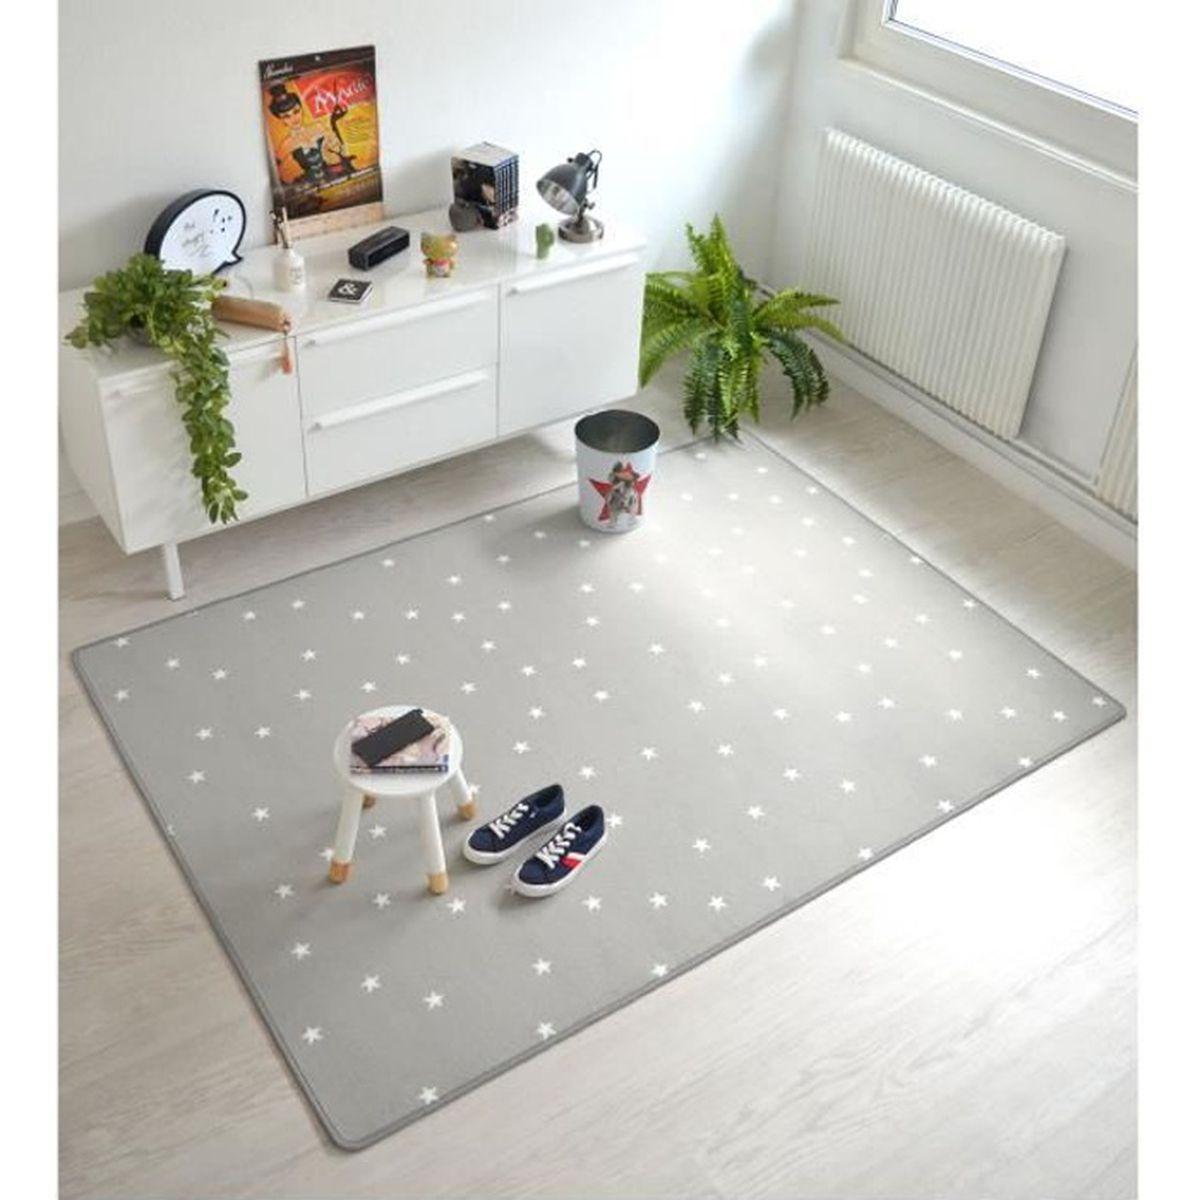 Tapis Chambre Bébé Mixte tapis chambre d'enfants - etoiles gris - 145 x 200 cm